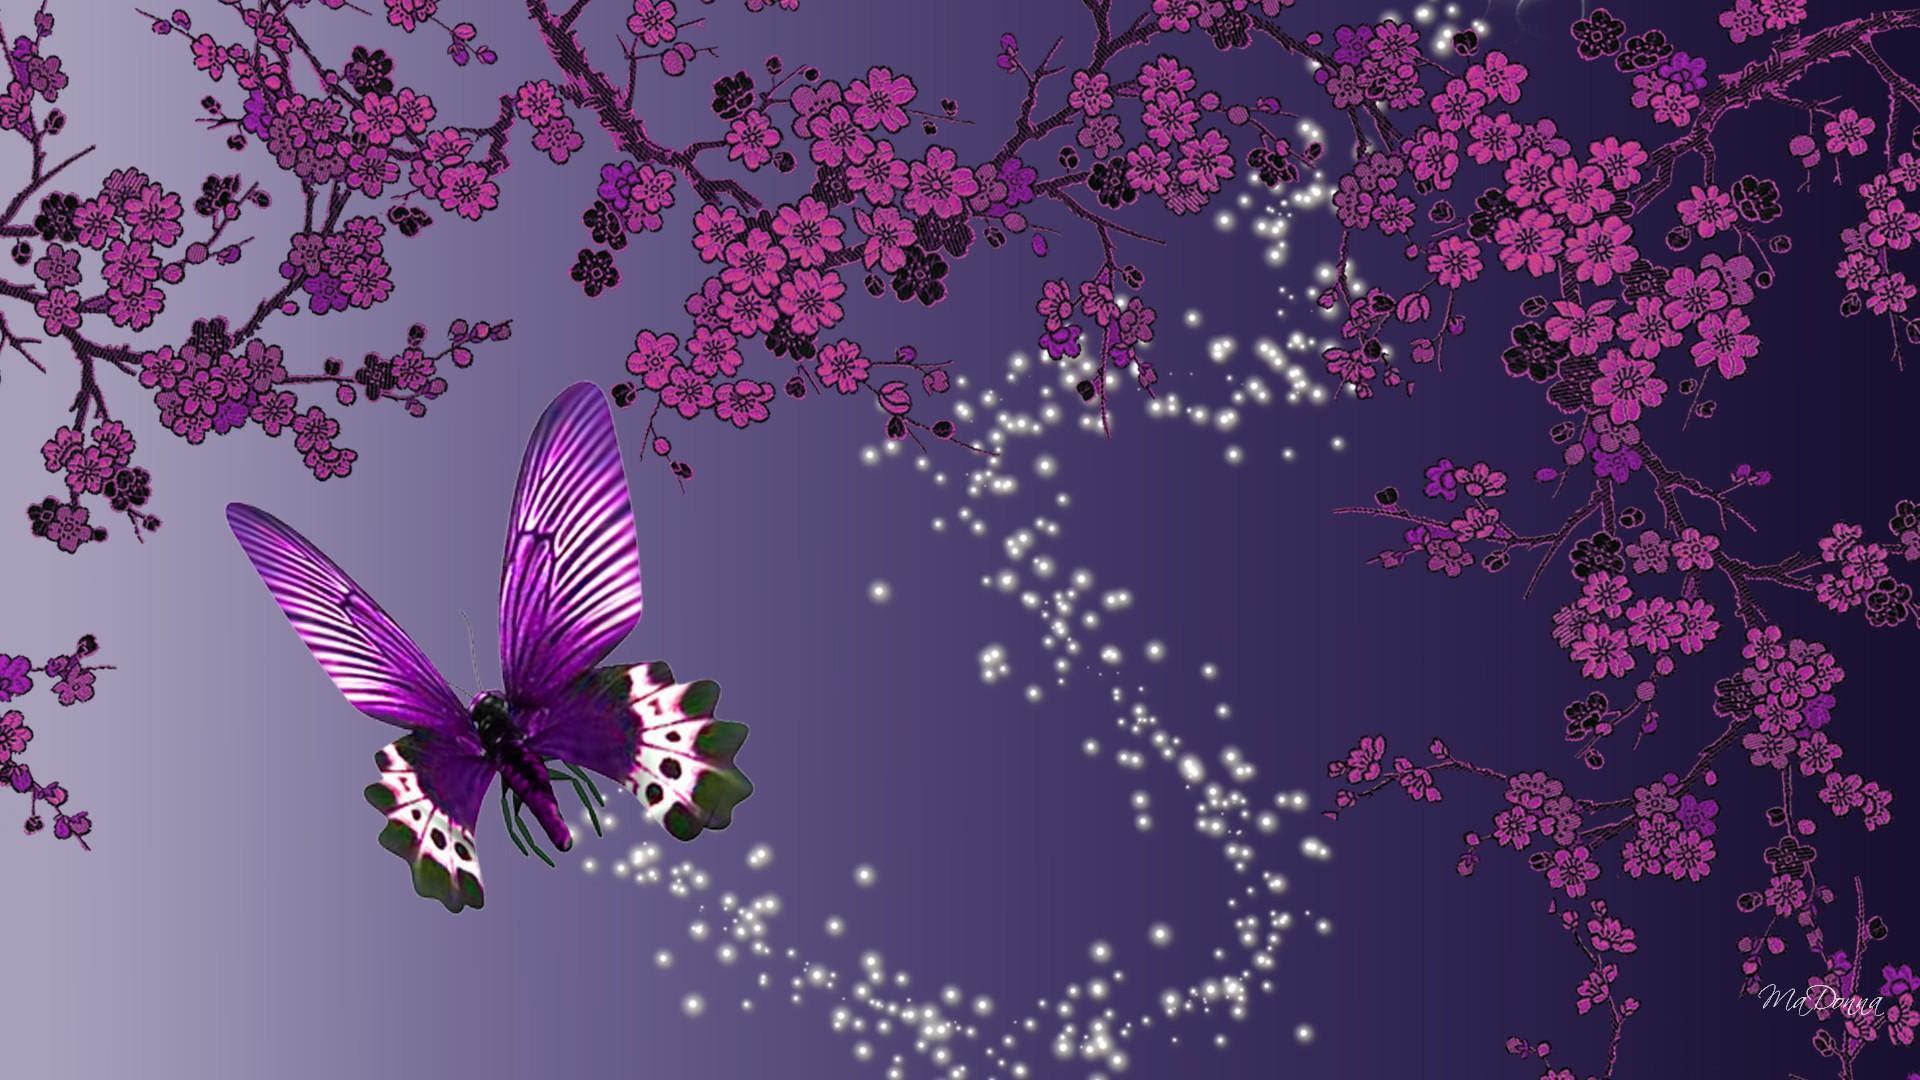 Butterfly Sparkle Trail HD desktop wallpaper : Widescreen ...